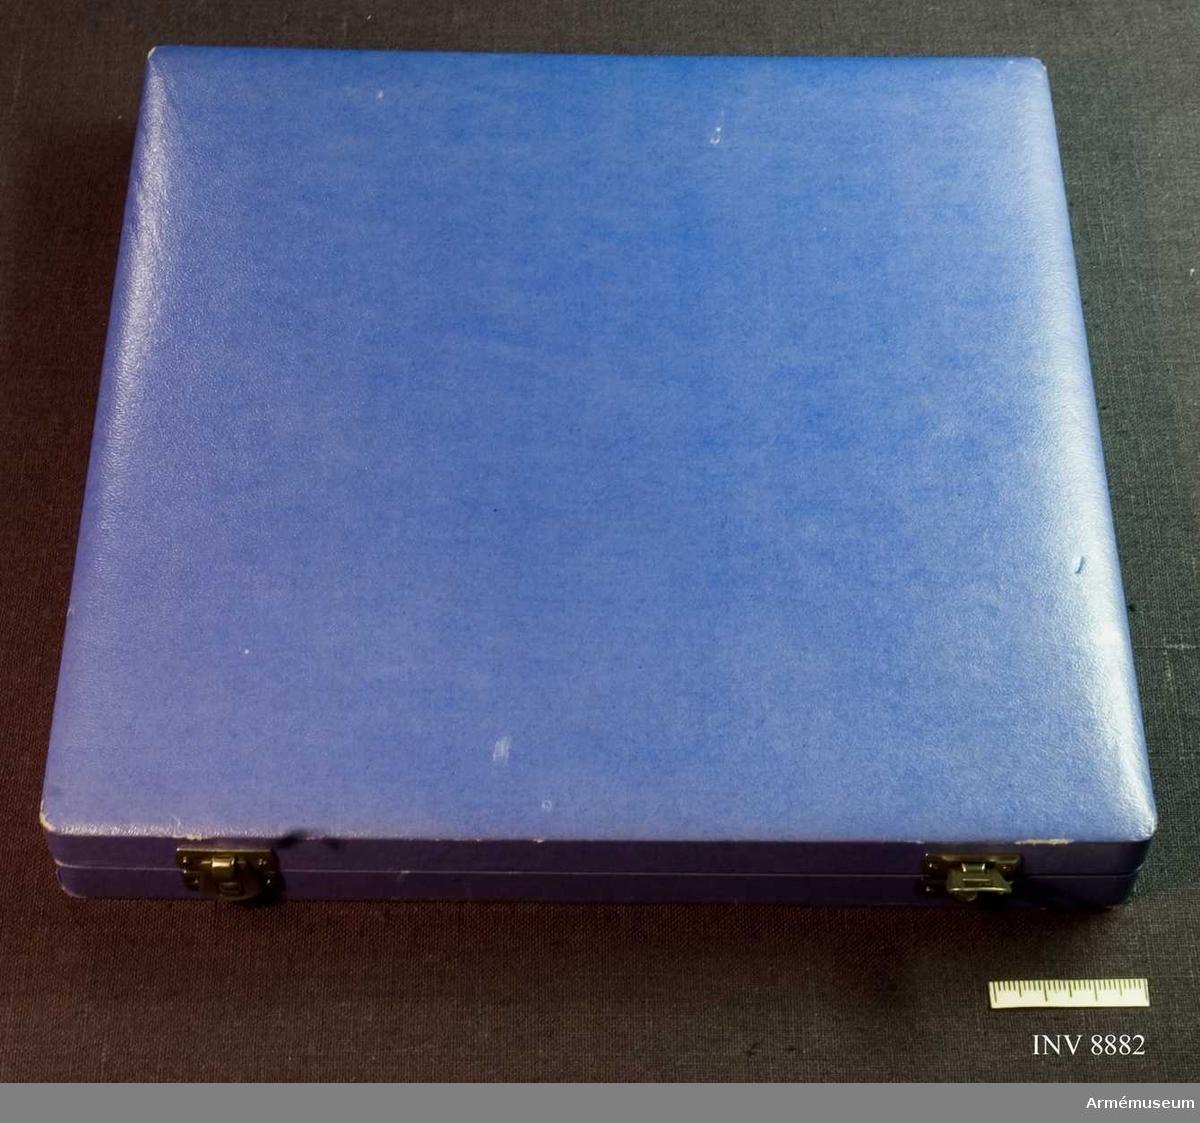 Längd 220 mm. Bredd 215 mm. Höjd 215 mm. Ett blått läderimiterat etui med två silverfärgade spännen. Det är klätt inuti med mörkblå sammet med försänkning för medaljen. Lockets insida är klätt med vitt siden och märkt med guldskrift C C Sporrong & CO Stockholm.  Samhörande nr är AM.8881-8882